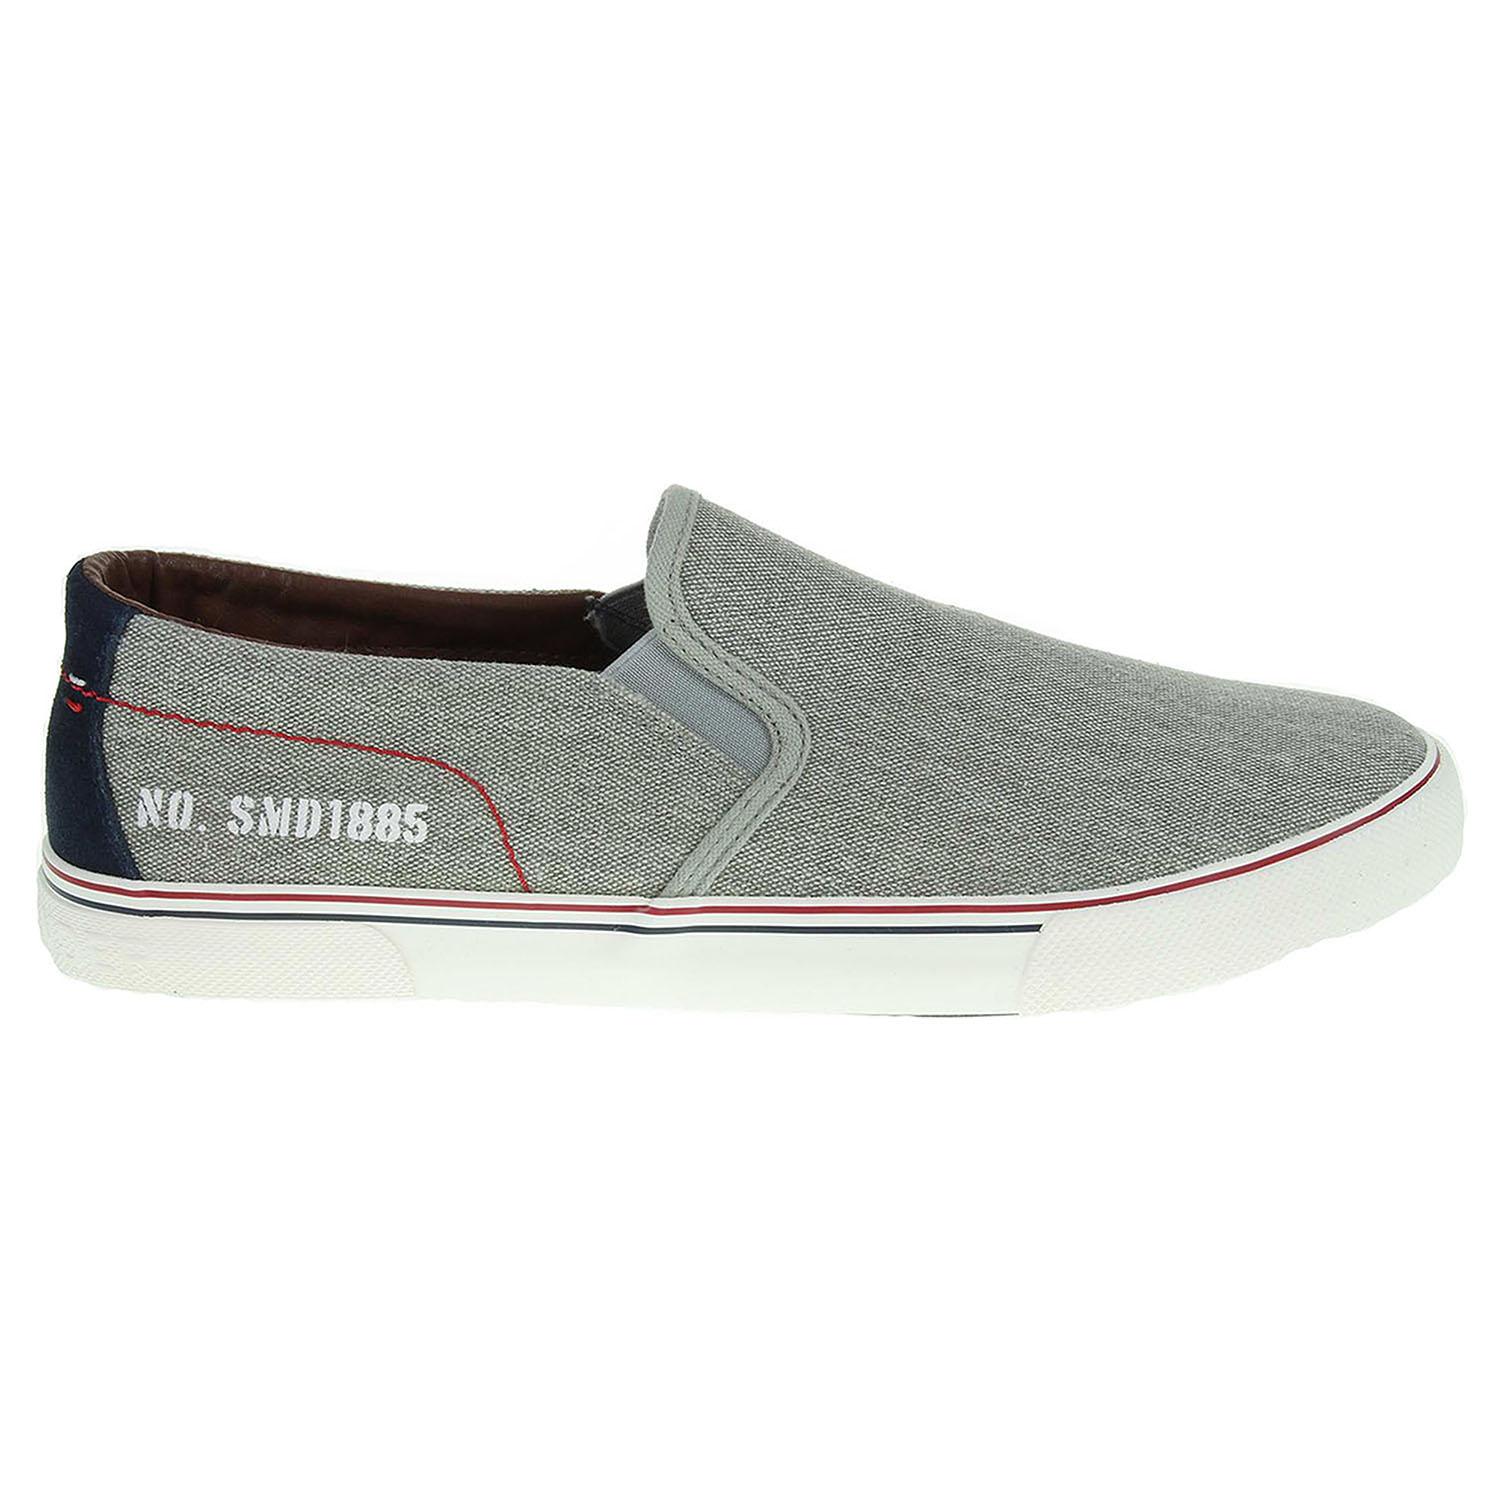 b192a331d73 Ecco Salamander pánská obuv 60303-35 šedá 24000418